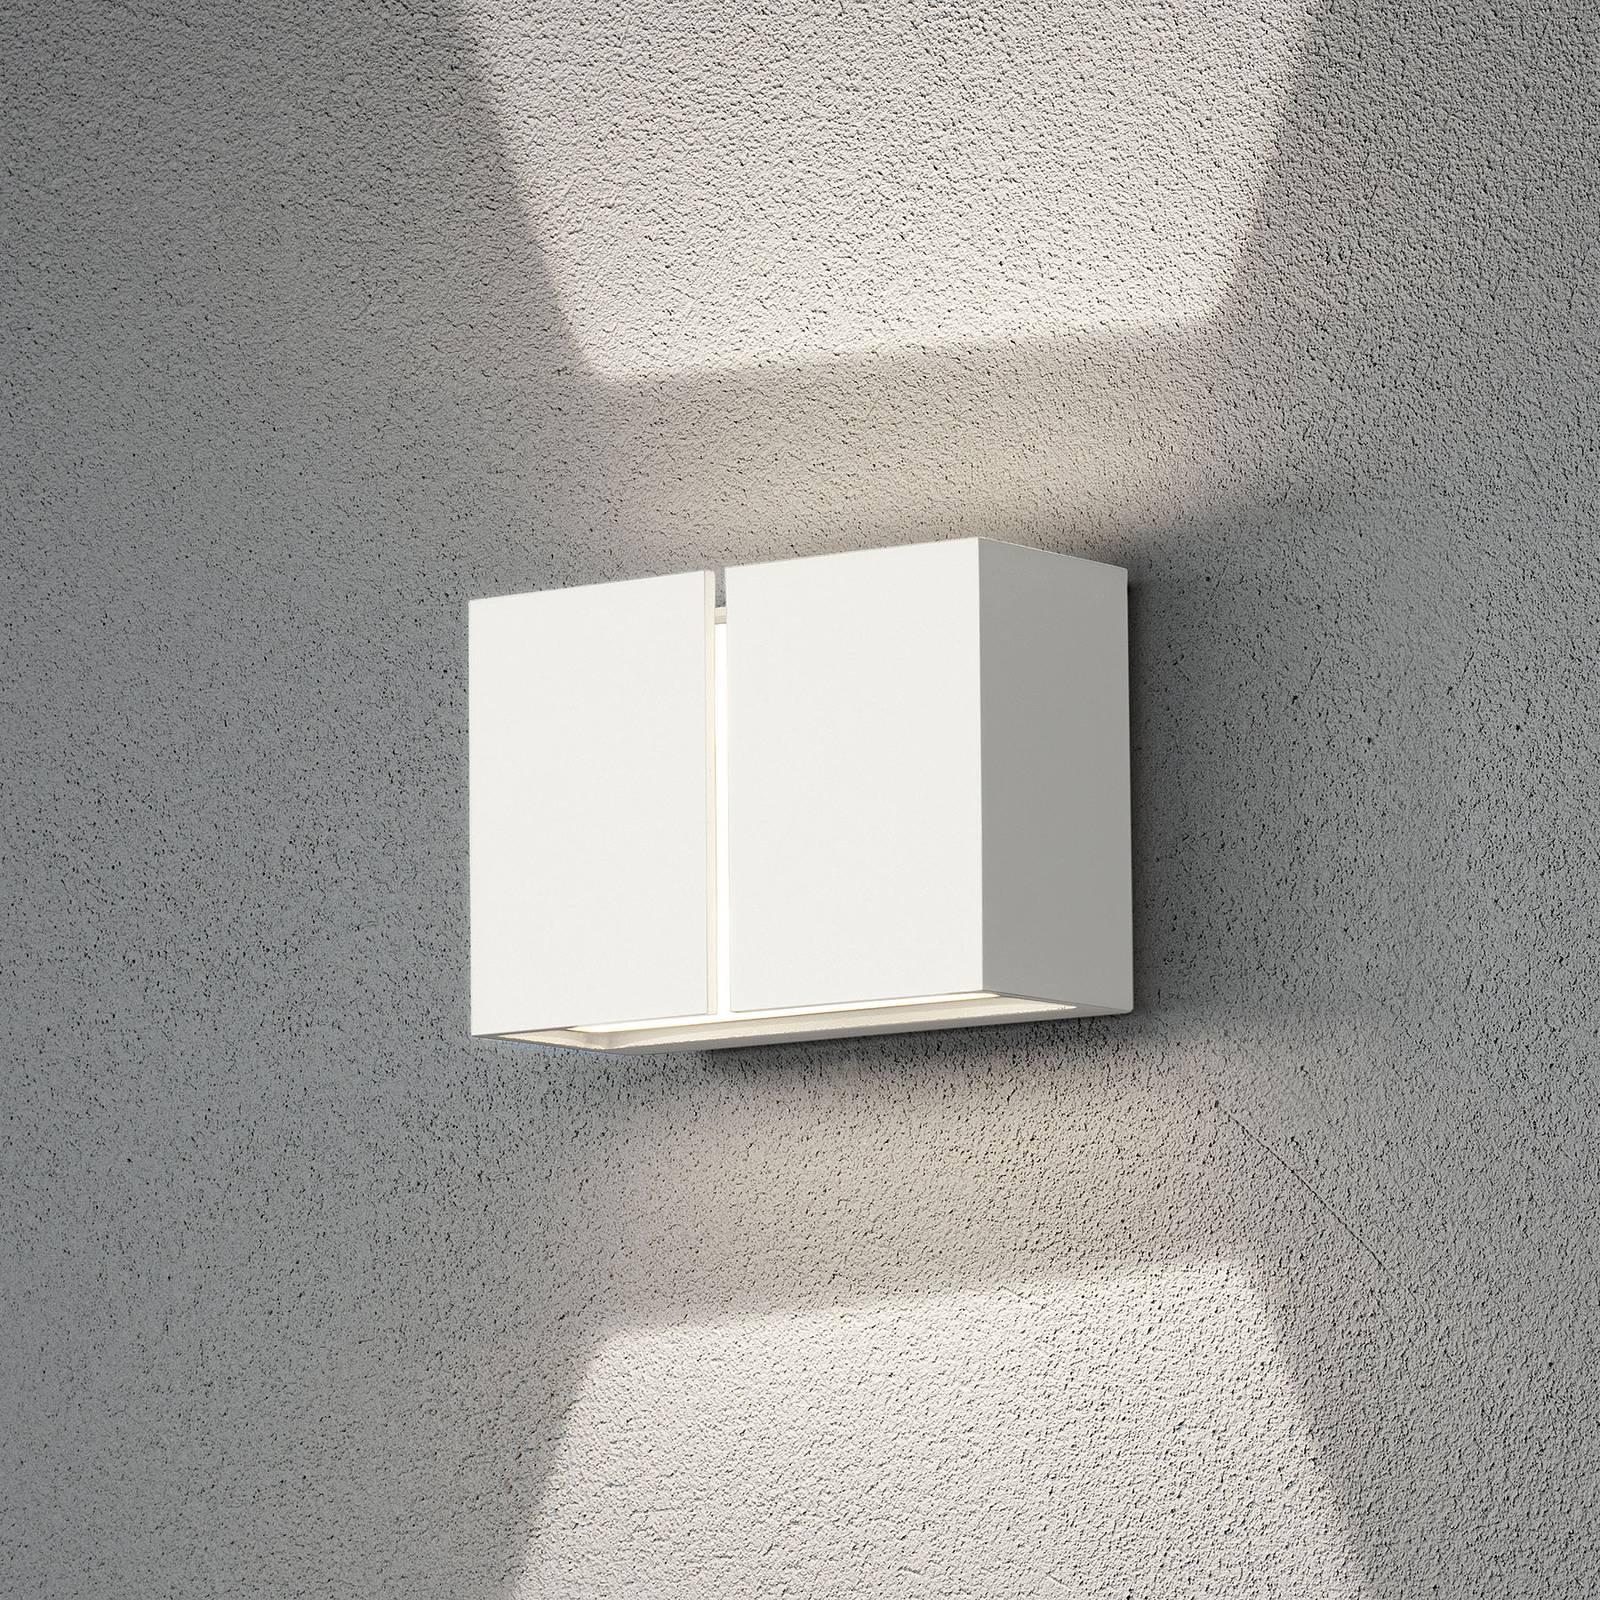 LED-ulkoseinälamppu Pavia, valkoinen